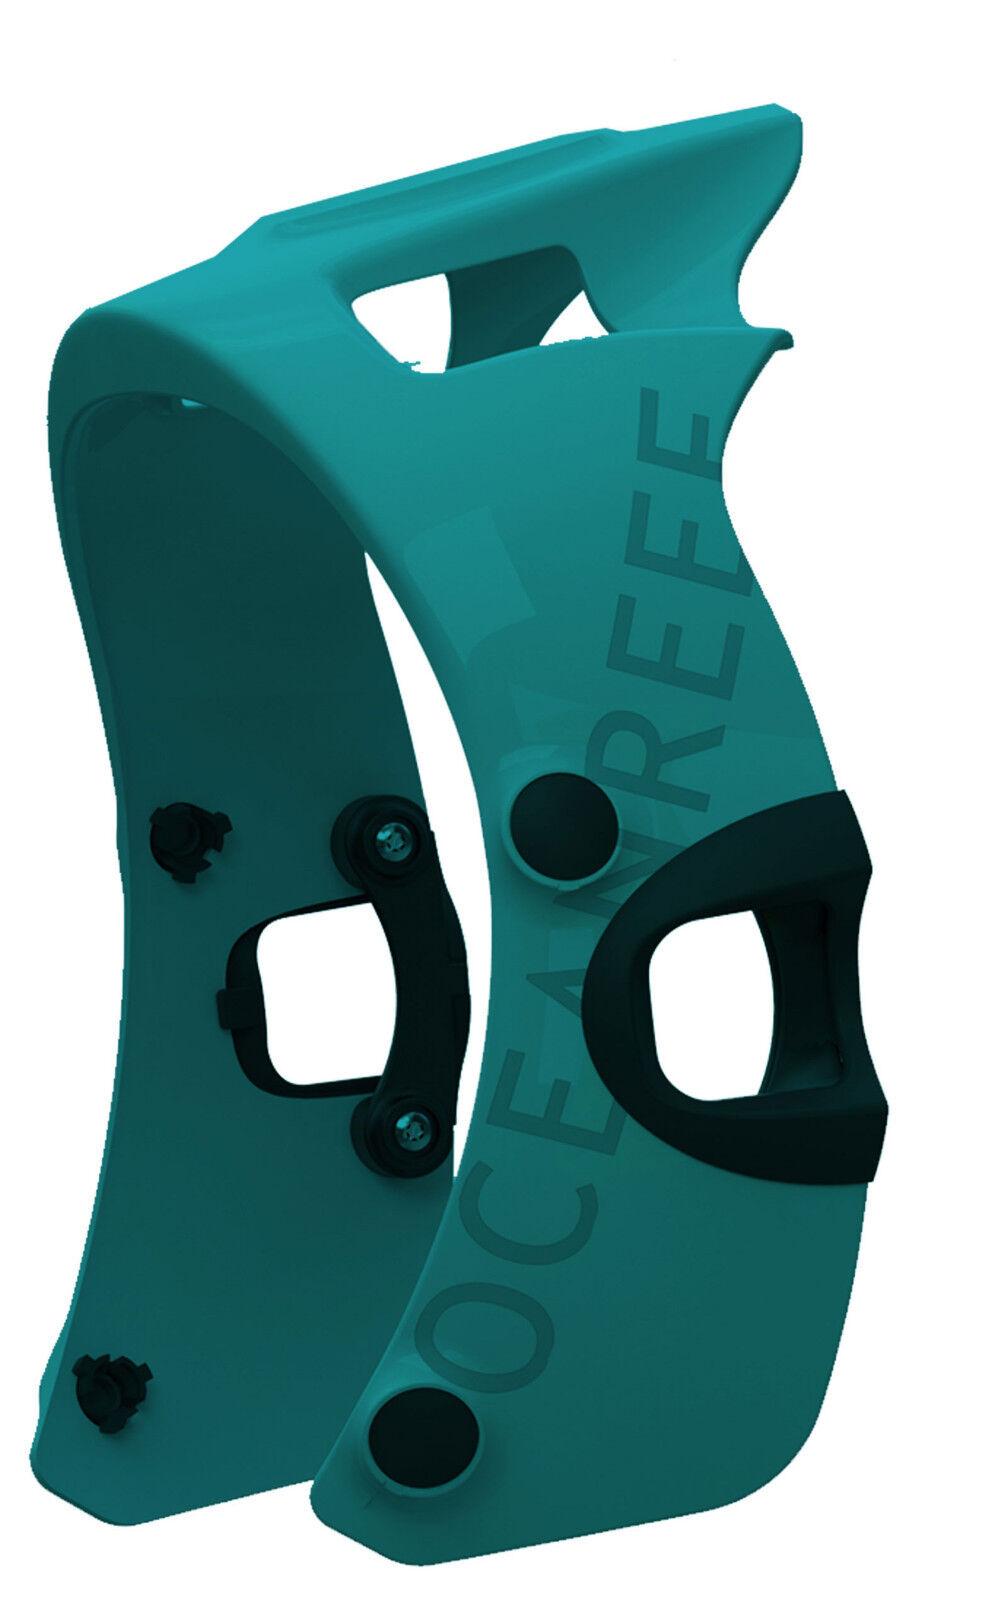 Ocean Reef Verlängerungs Rahmen Set Neptun Weltraum G.Divers Emeral (Maske Not